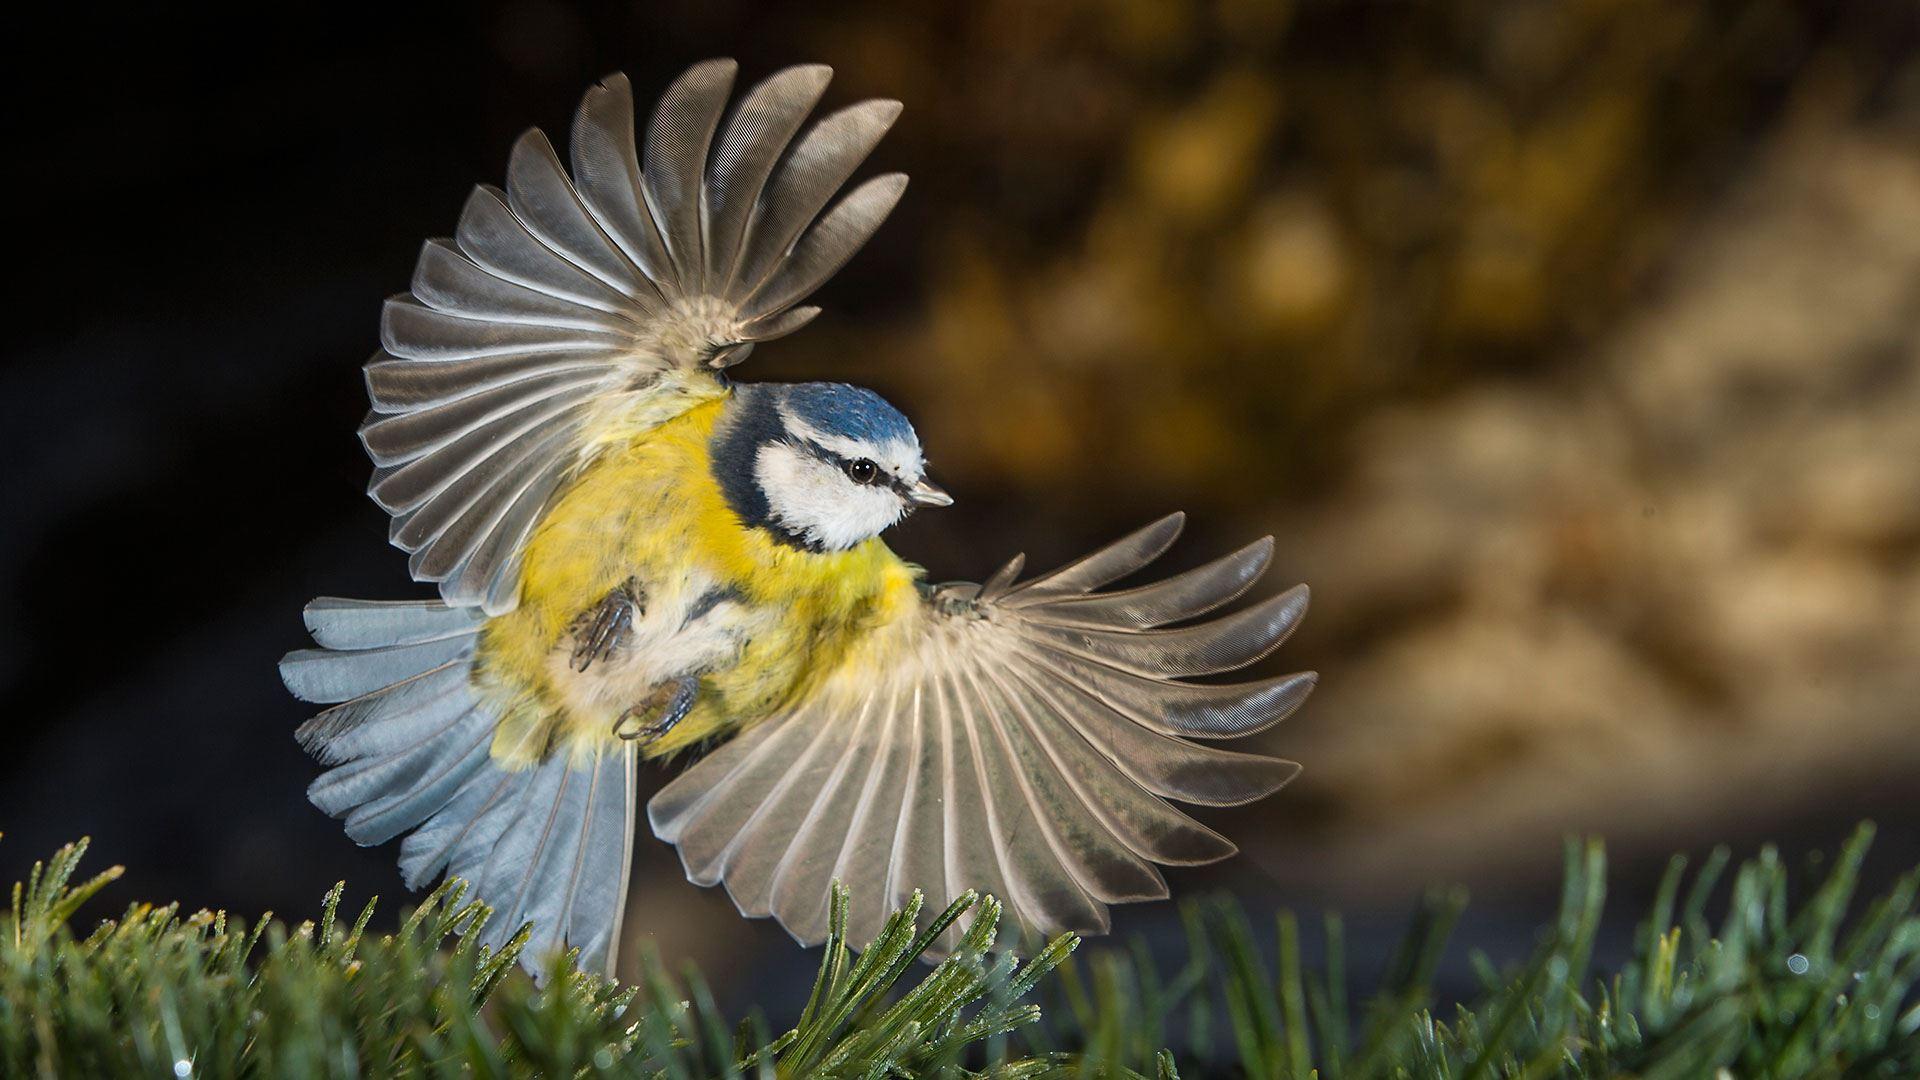 Fotograf: Gunnar Aus/N, Vinnare och förlorare i svensk natur